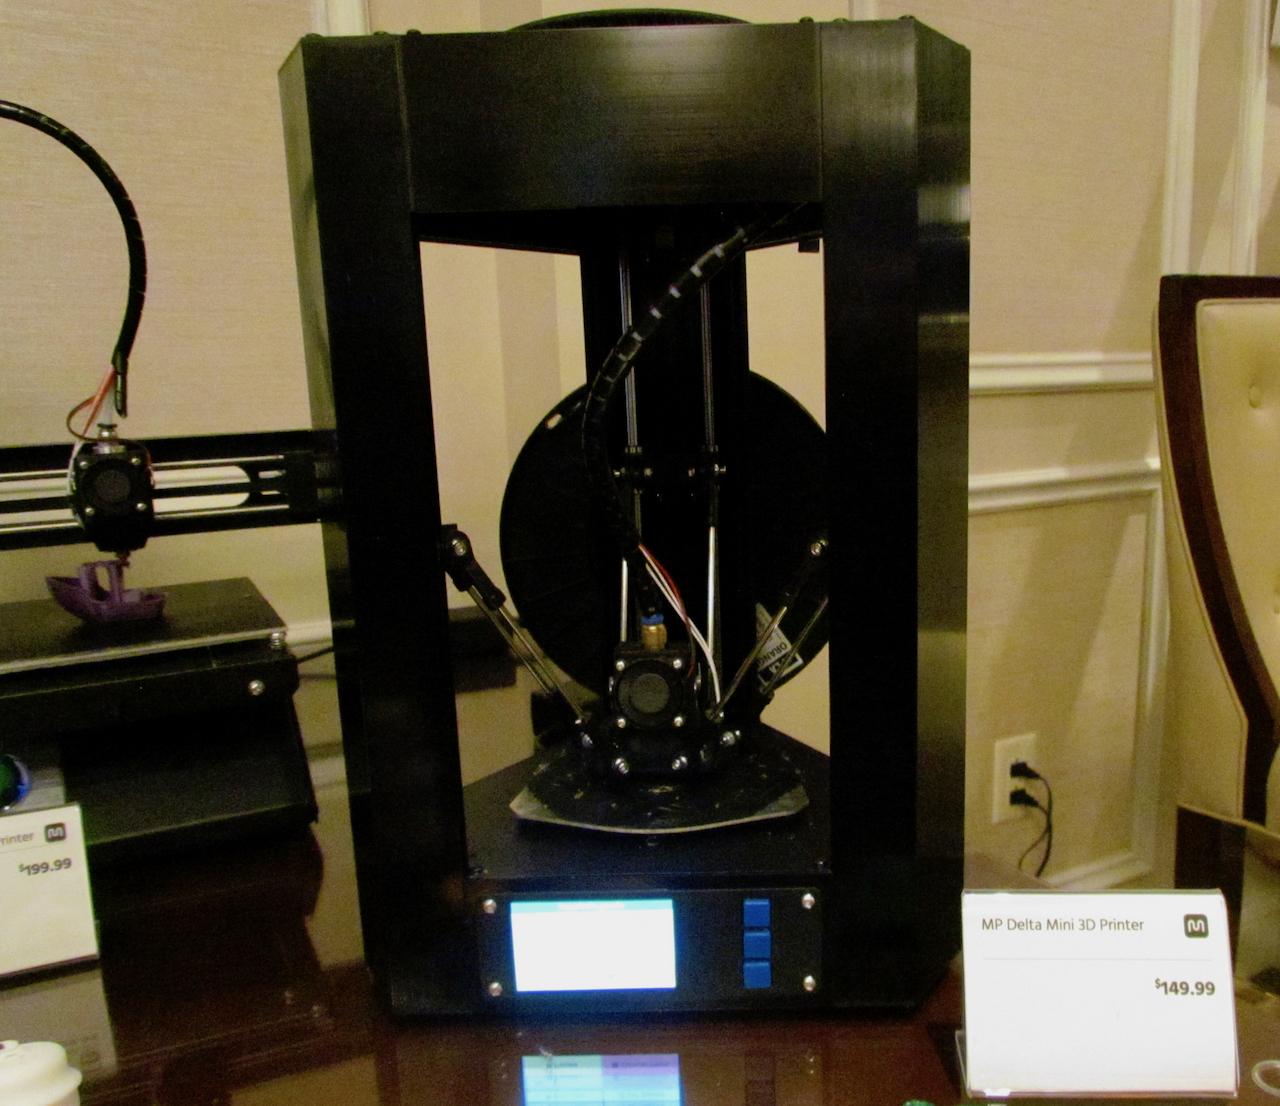 The all-new Monoprice Delta Mini desktop 3D printer